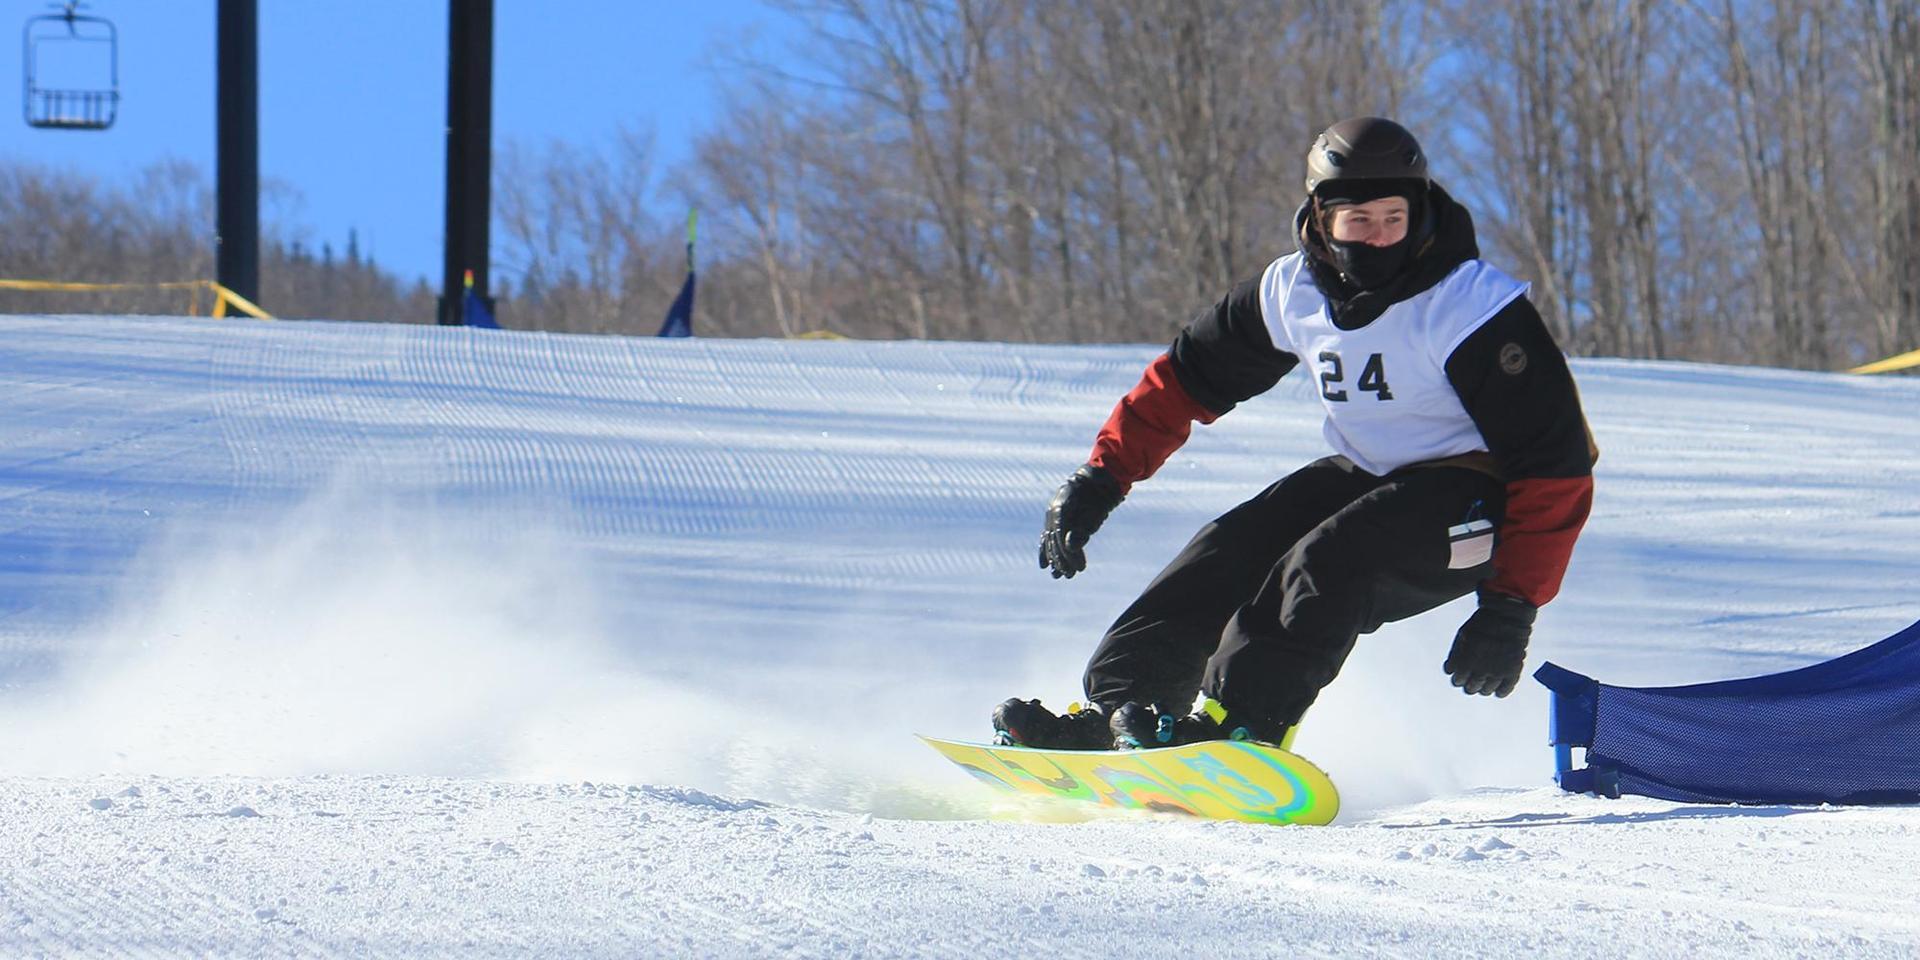 一名学生在滑雪比赛中从加农山滑下.